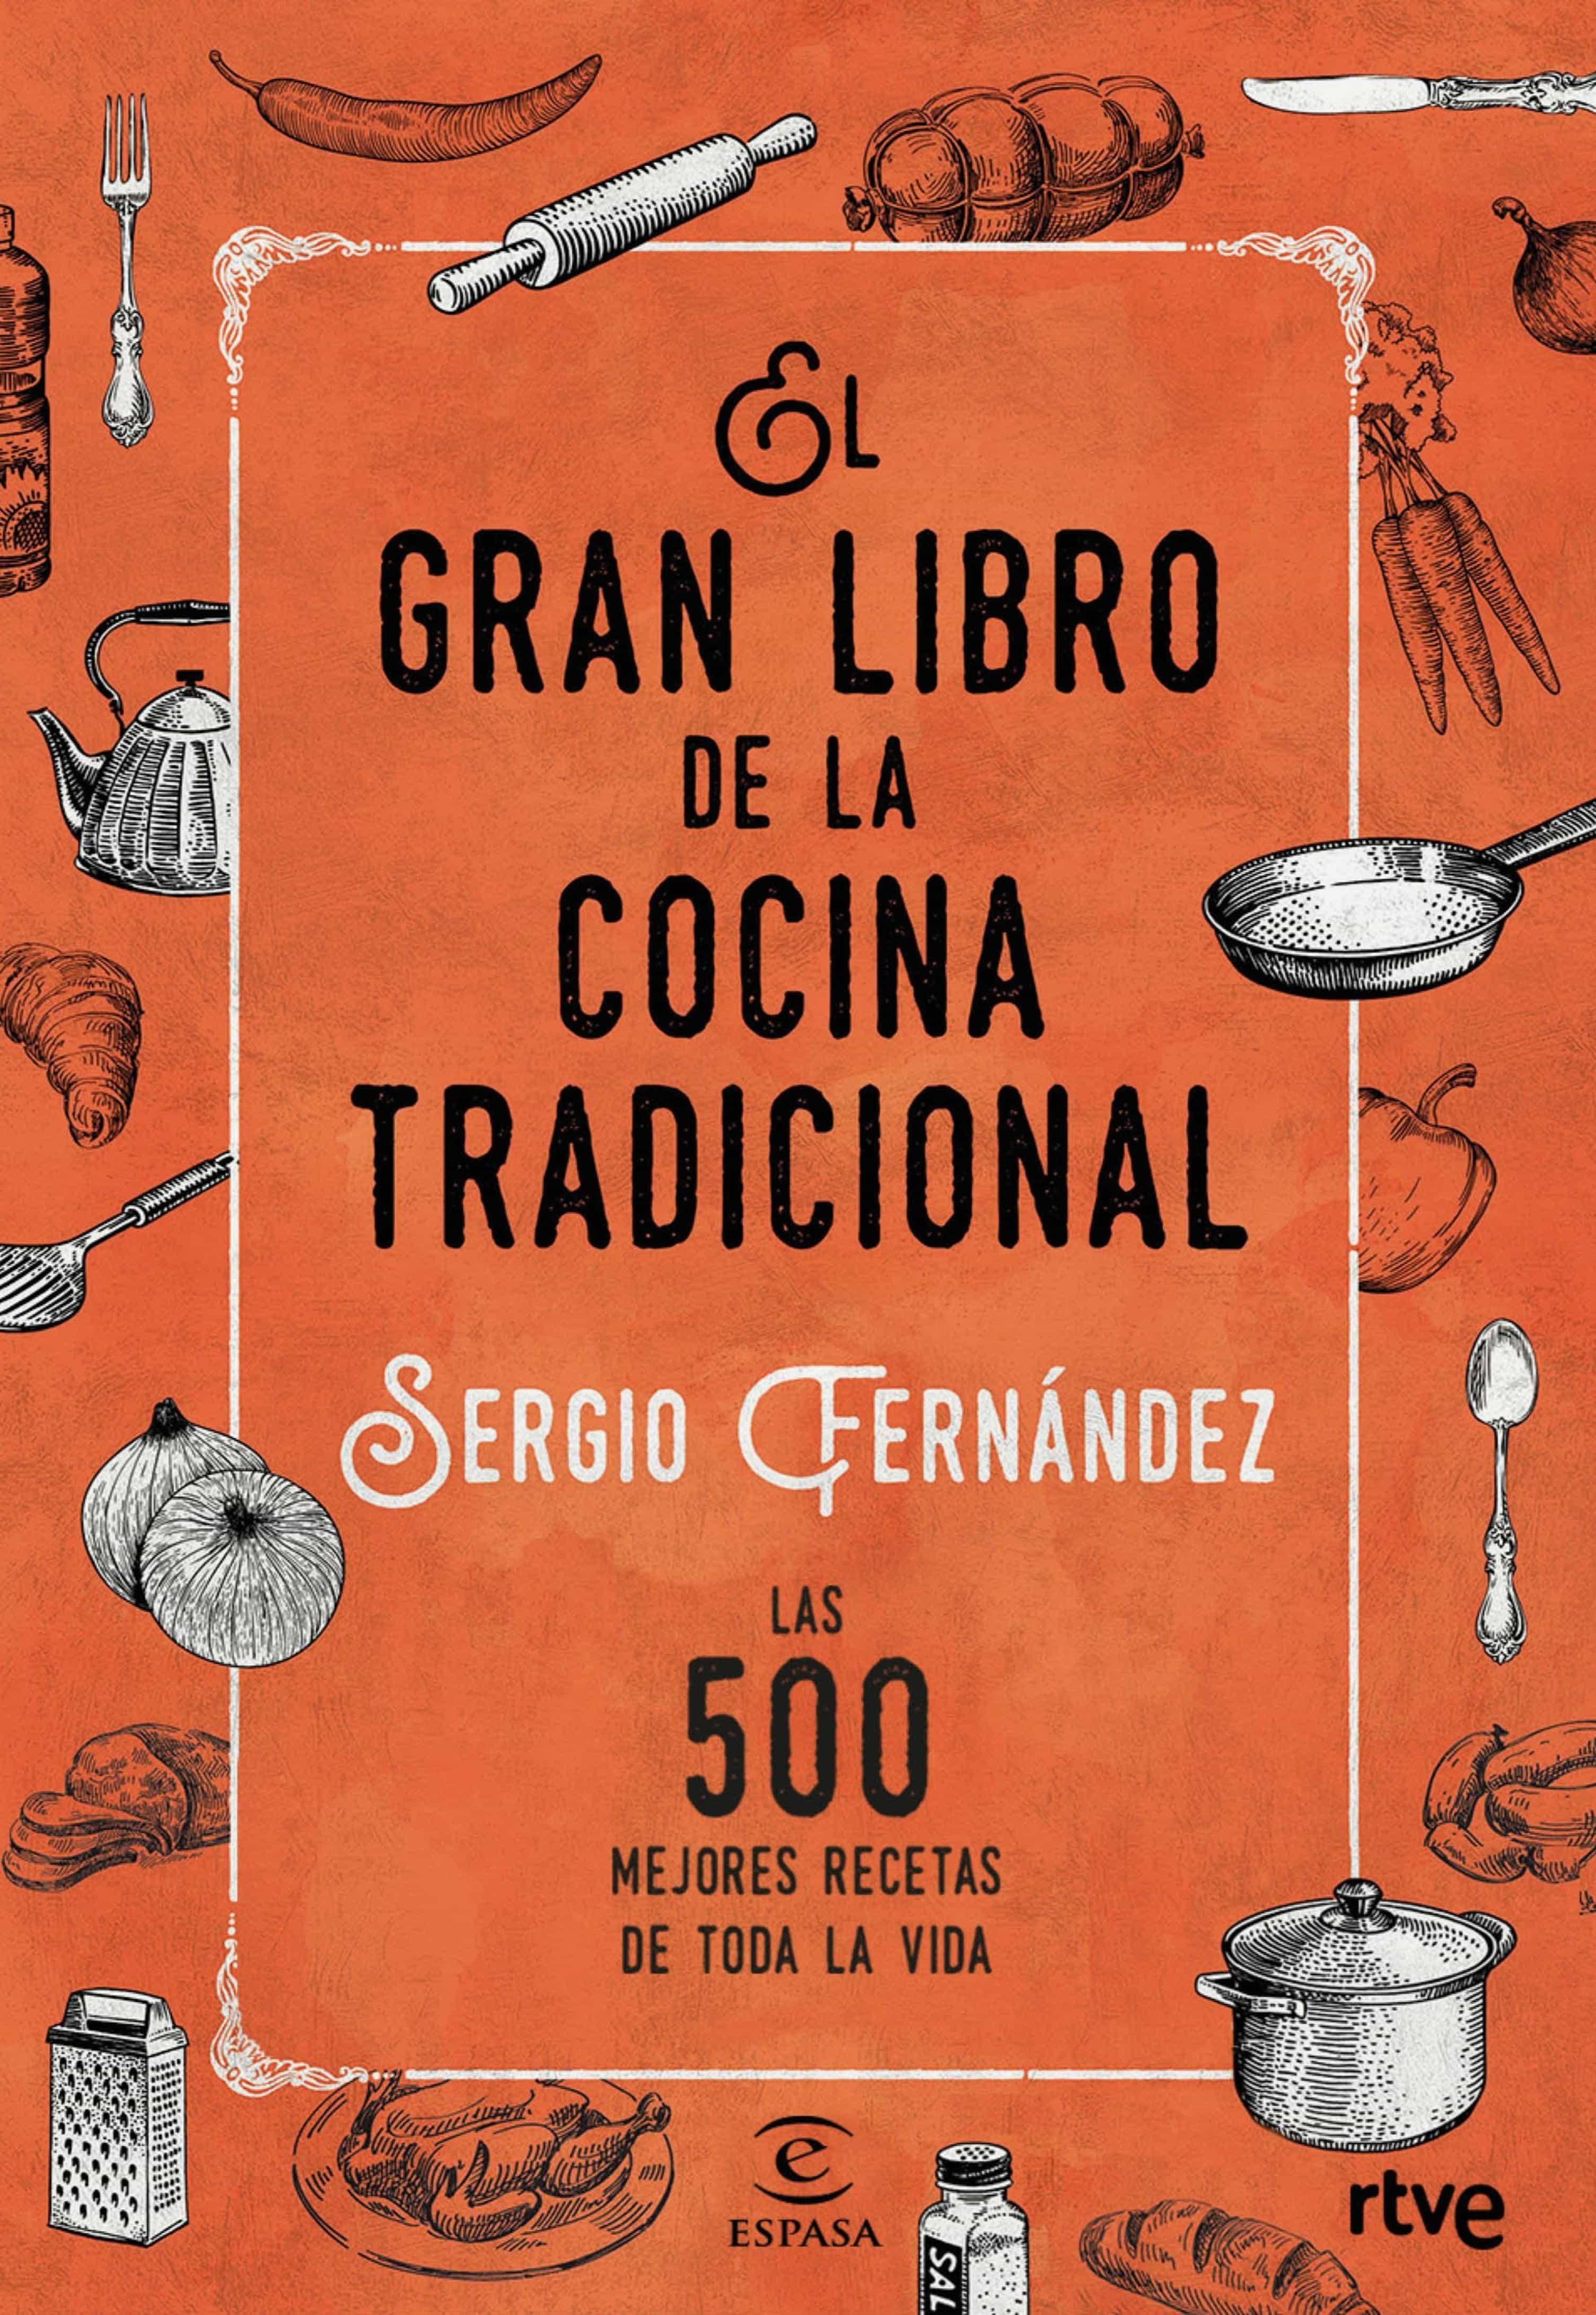 Libro De Recetas De Cocina Pdf | El Gran Libro De La Cocina Tradicional Ebook Sergio Fernandez